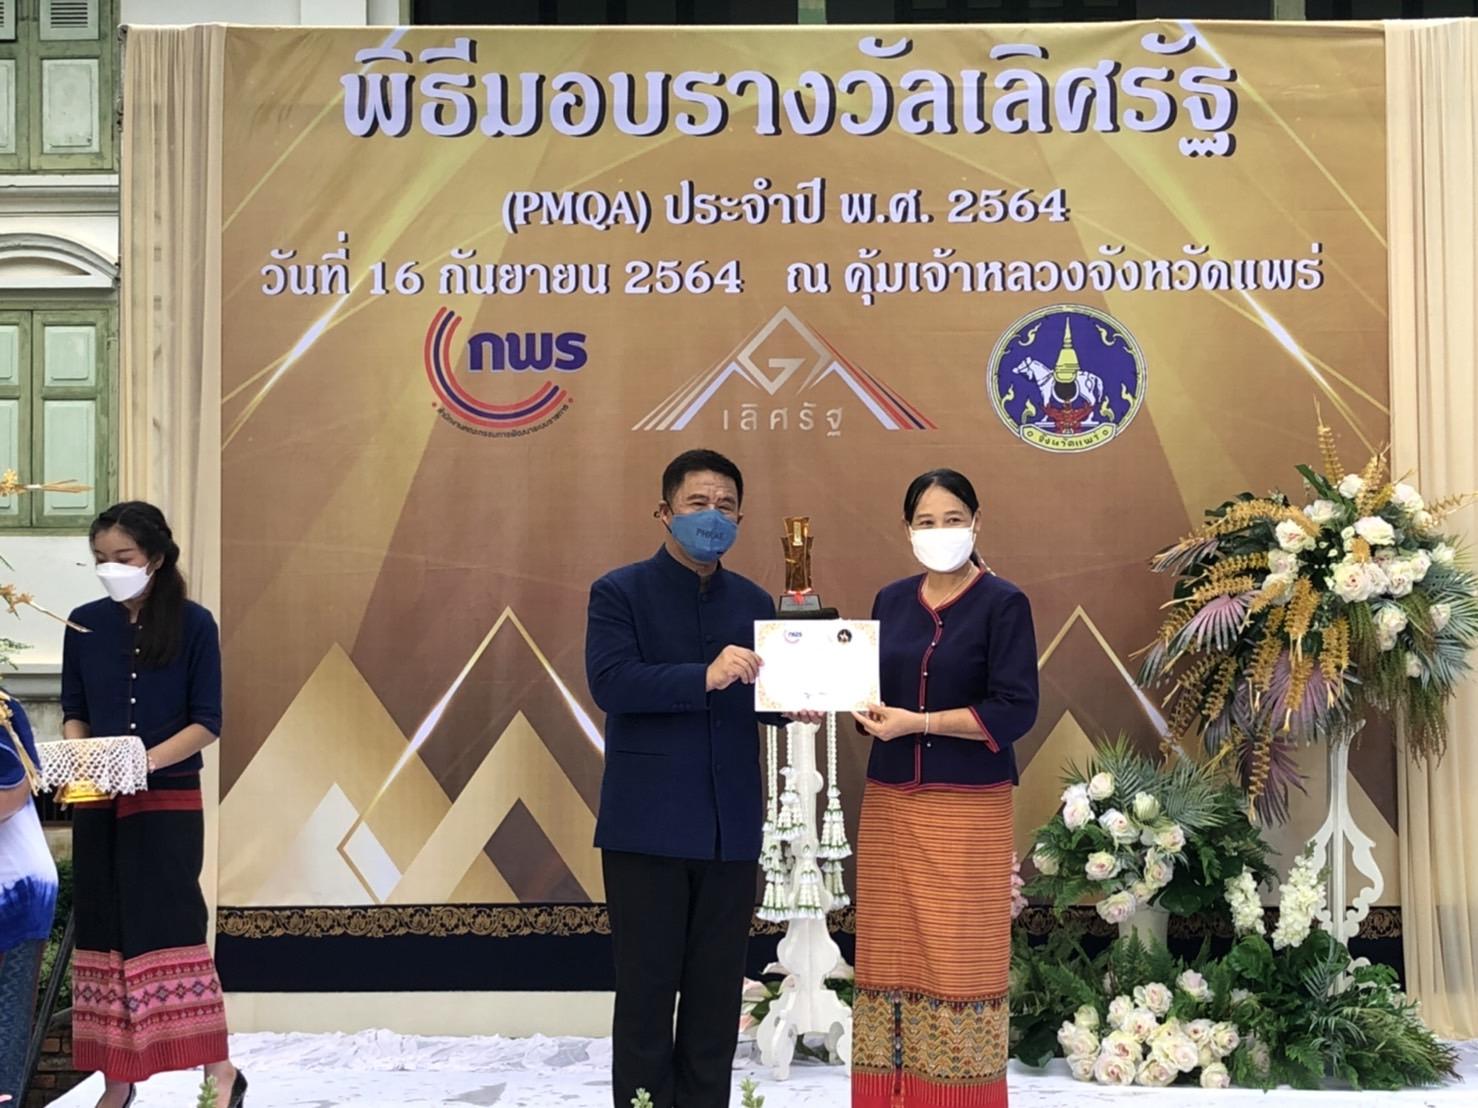 สำนักงานจัดหางานจังหวัดแพร่ เข้าร่วมพิธีรับรางวัลเลิศรัฐ ประจำปี 2564